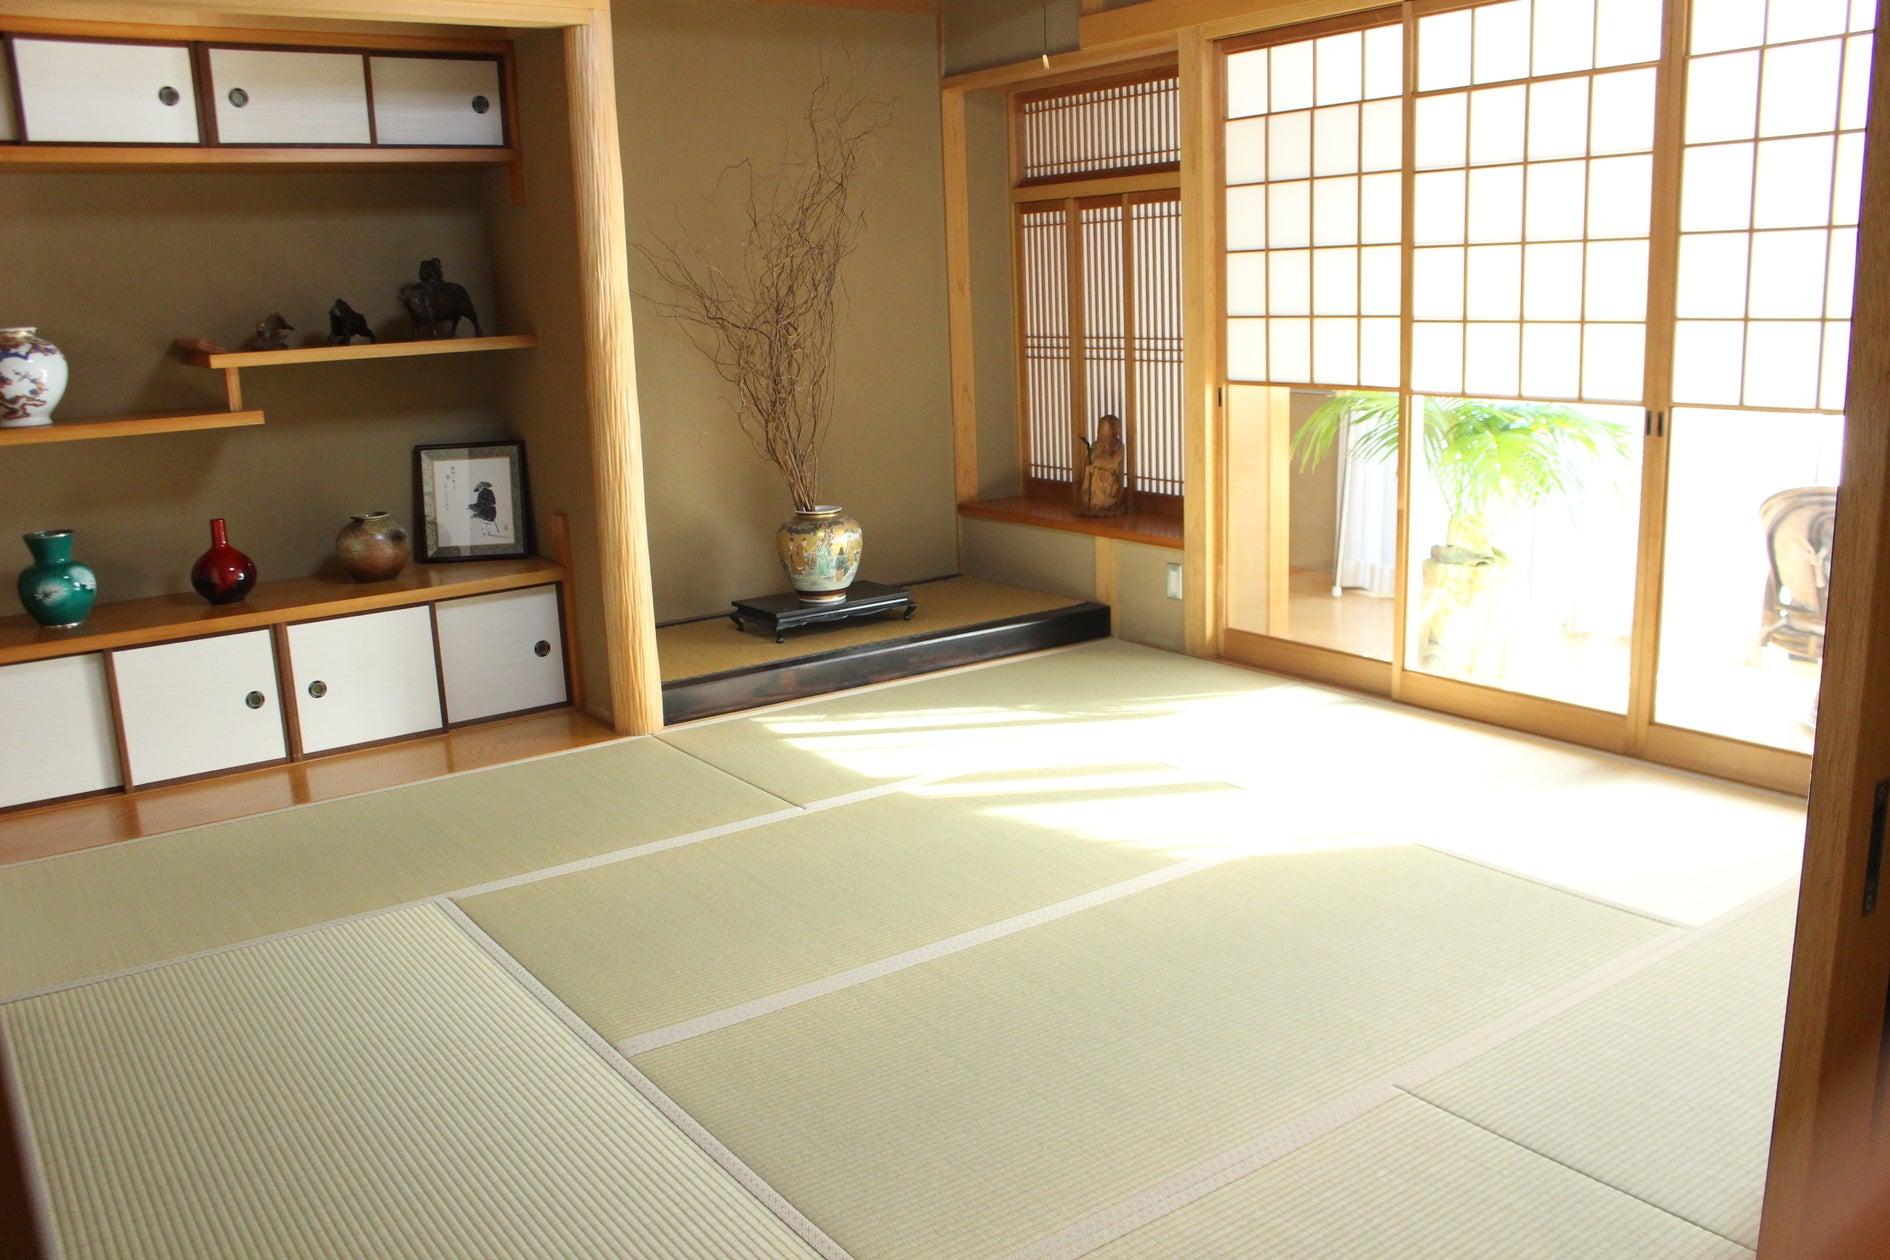 【大阪 堺】2世帯住宅の1階リビングルーム(完全独立)✳︎和室のみのプランも有り! の写真